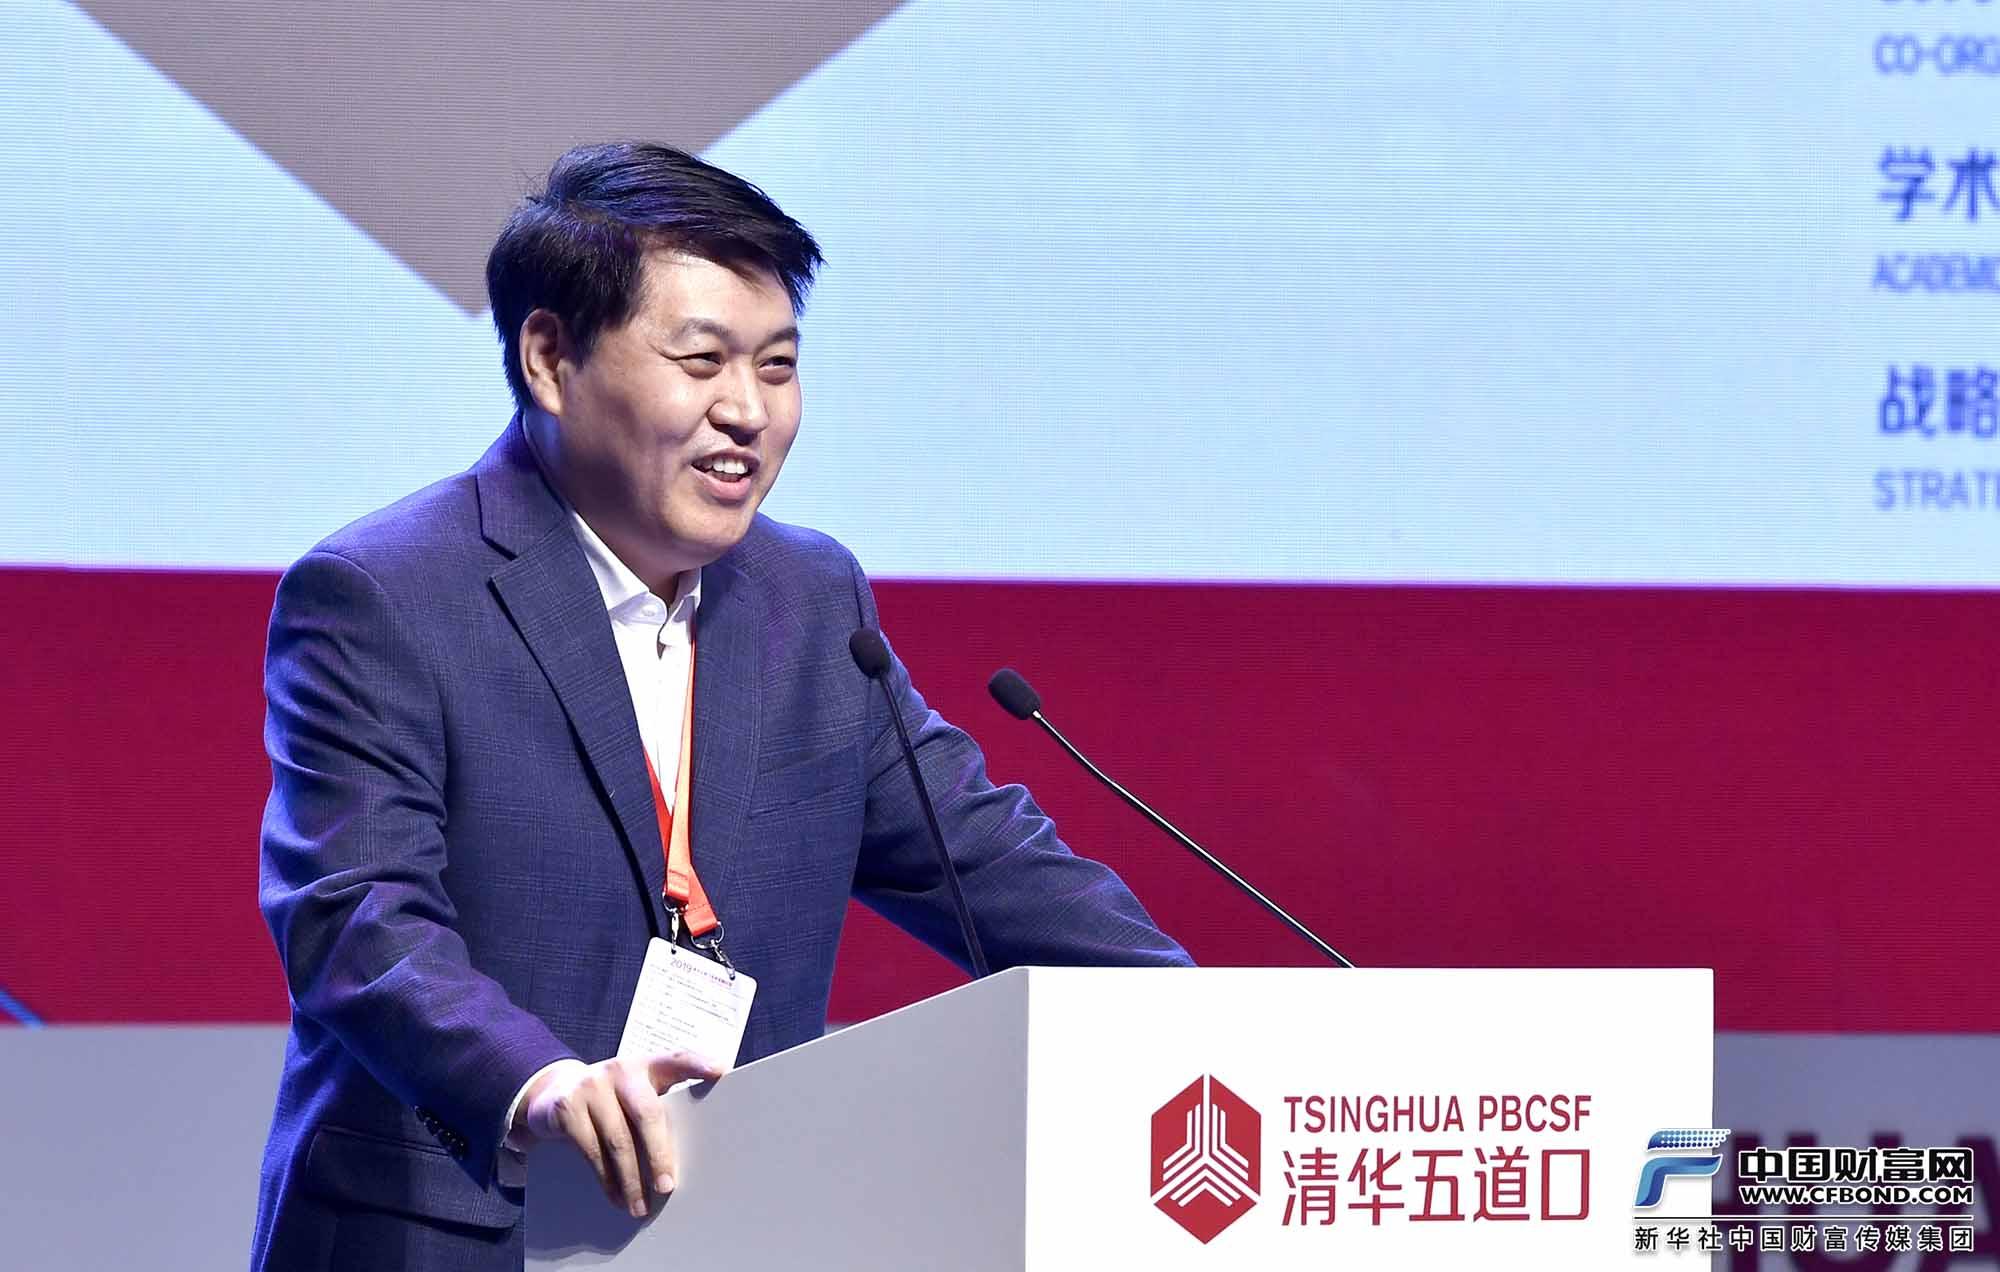 主题演讲:百信银行执行董事、行长李如东